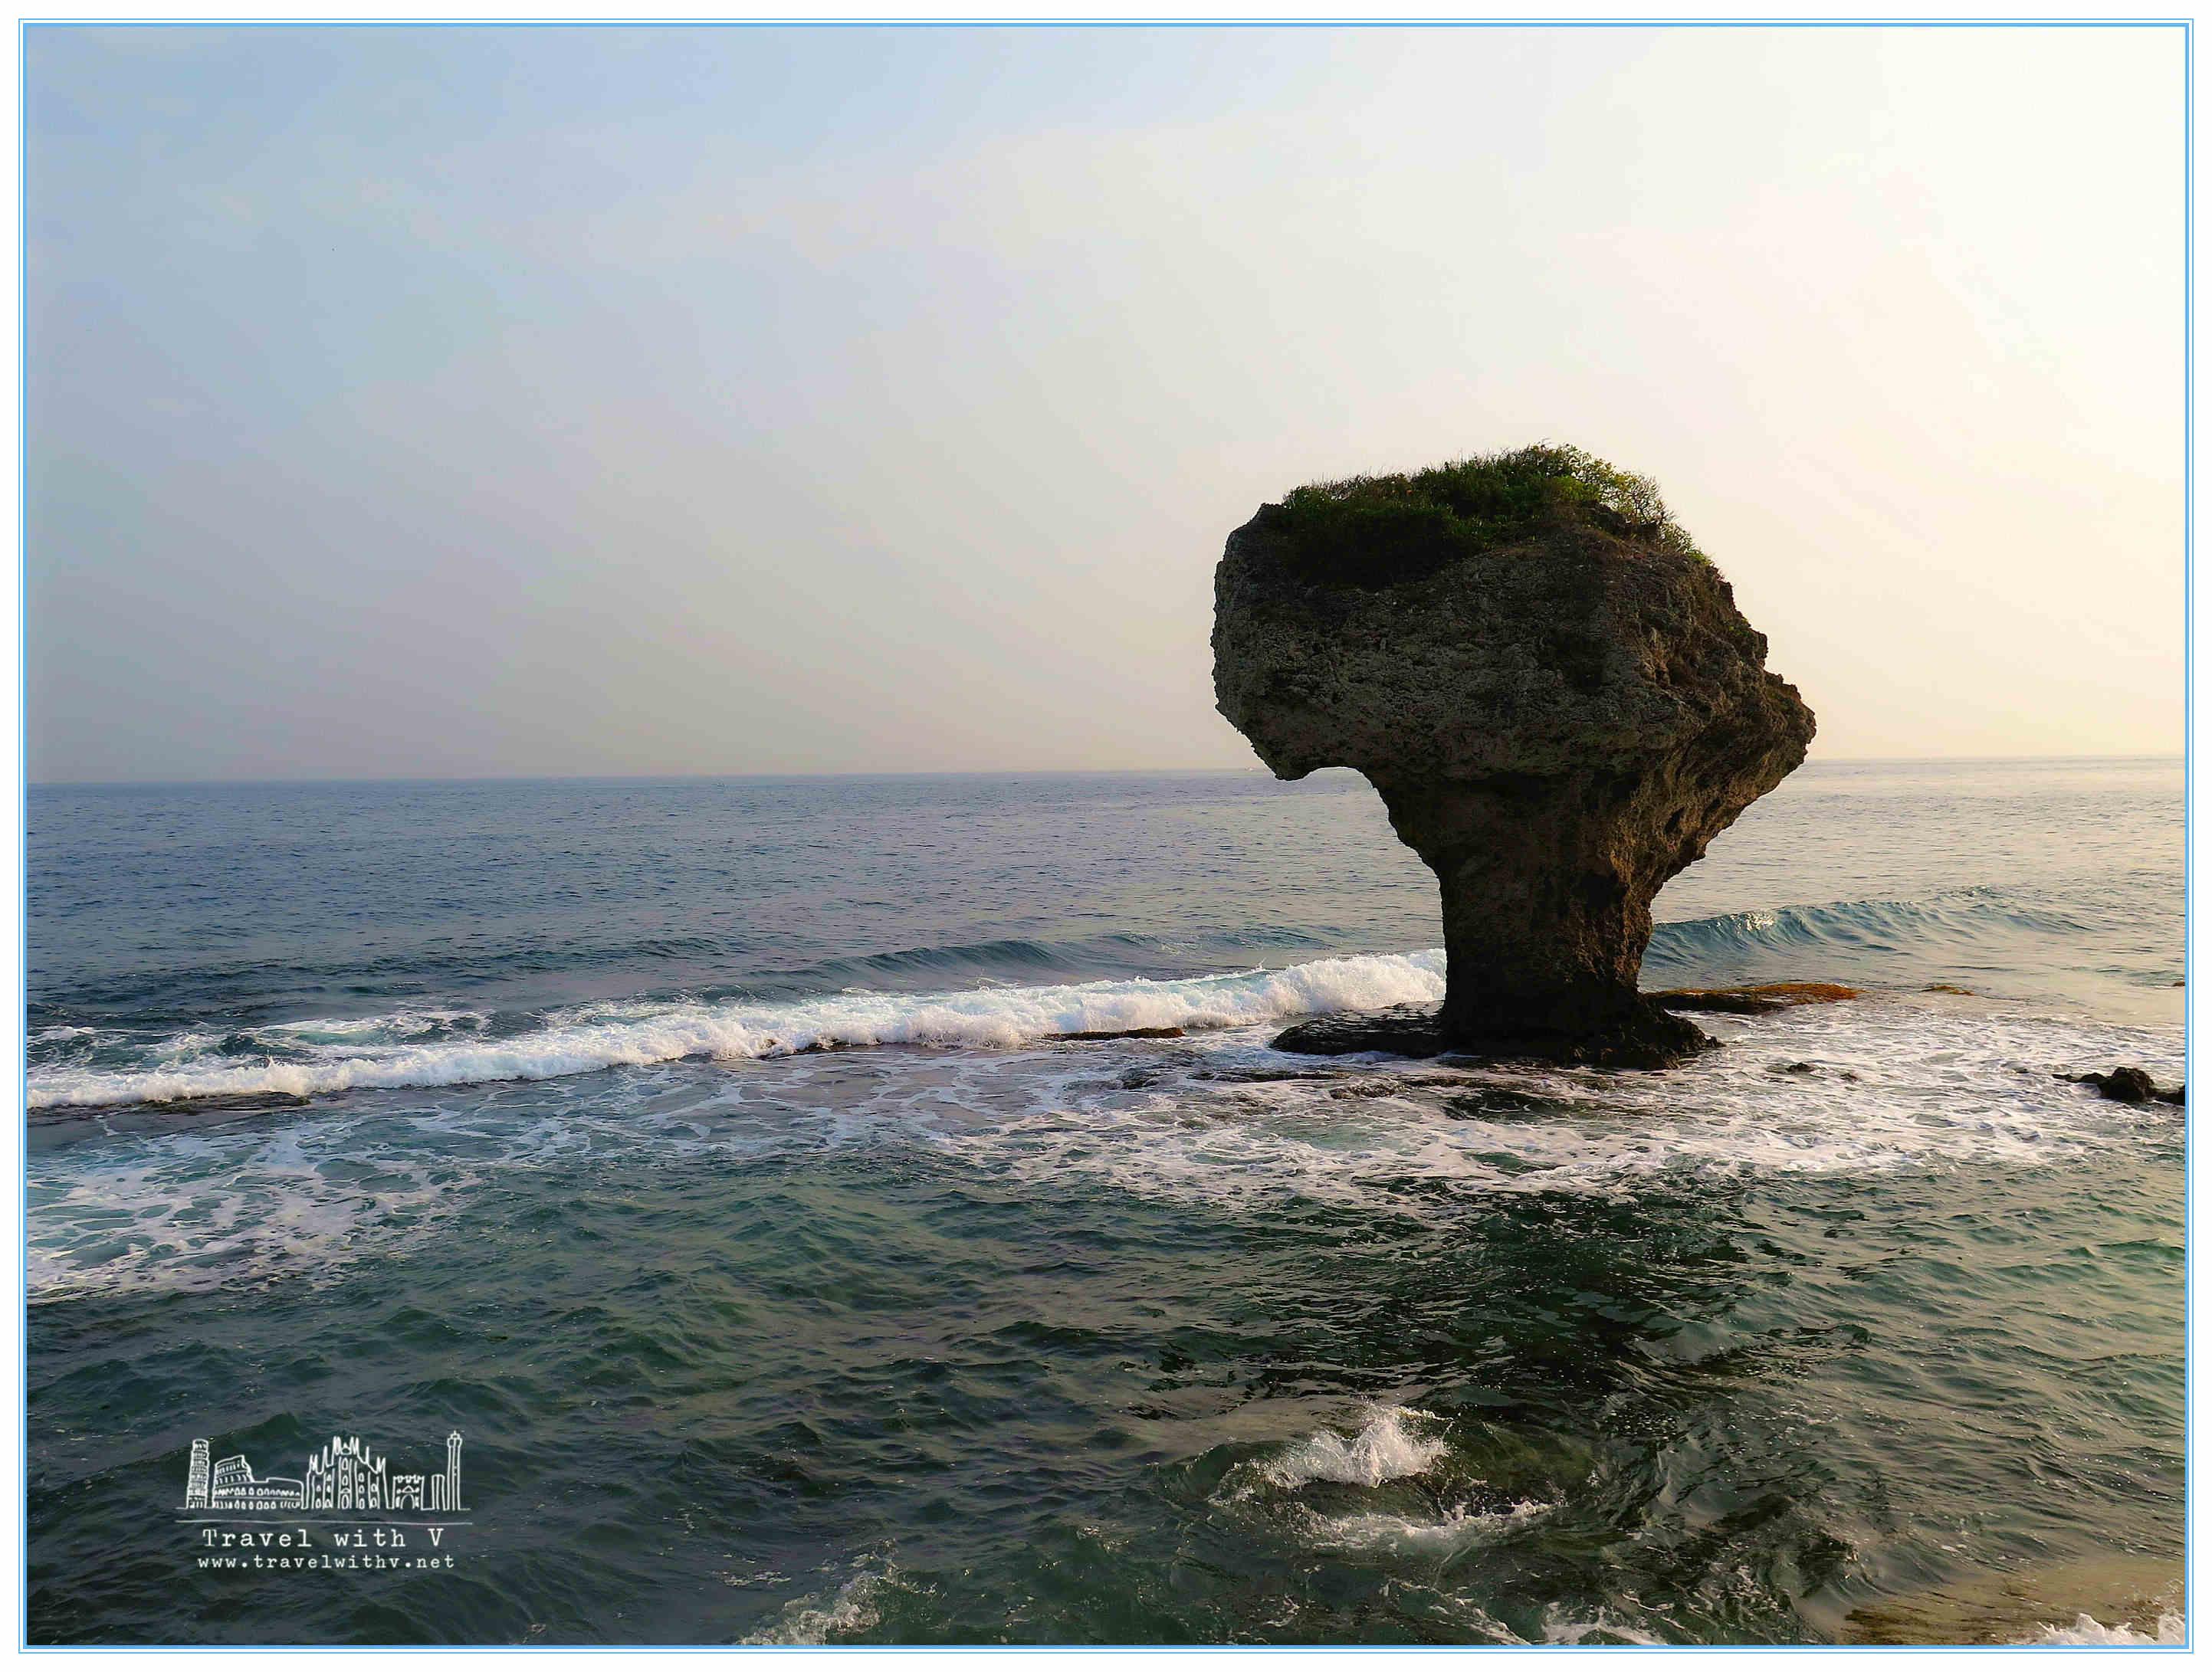 小琉球花瓶岩8_